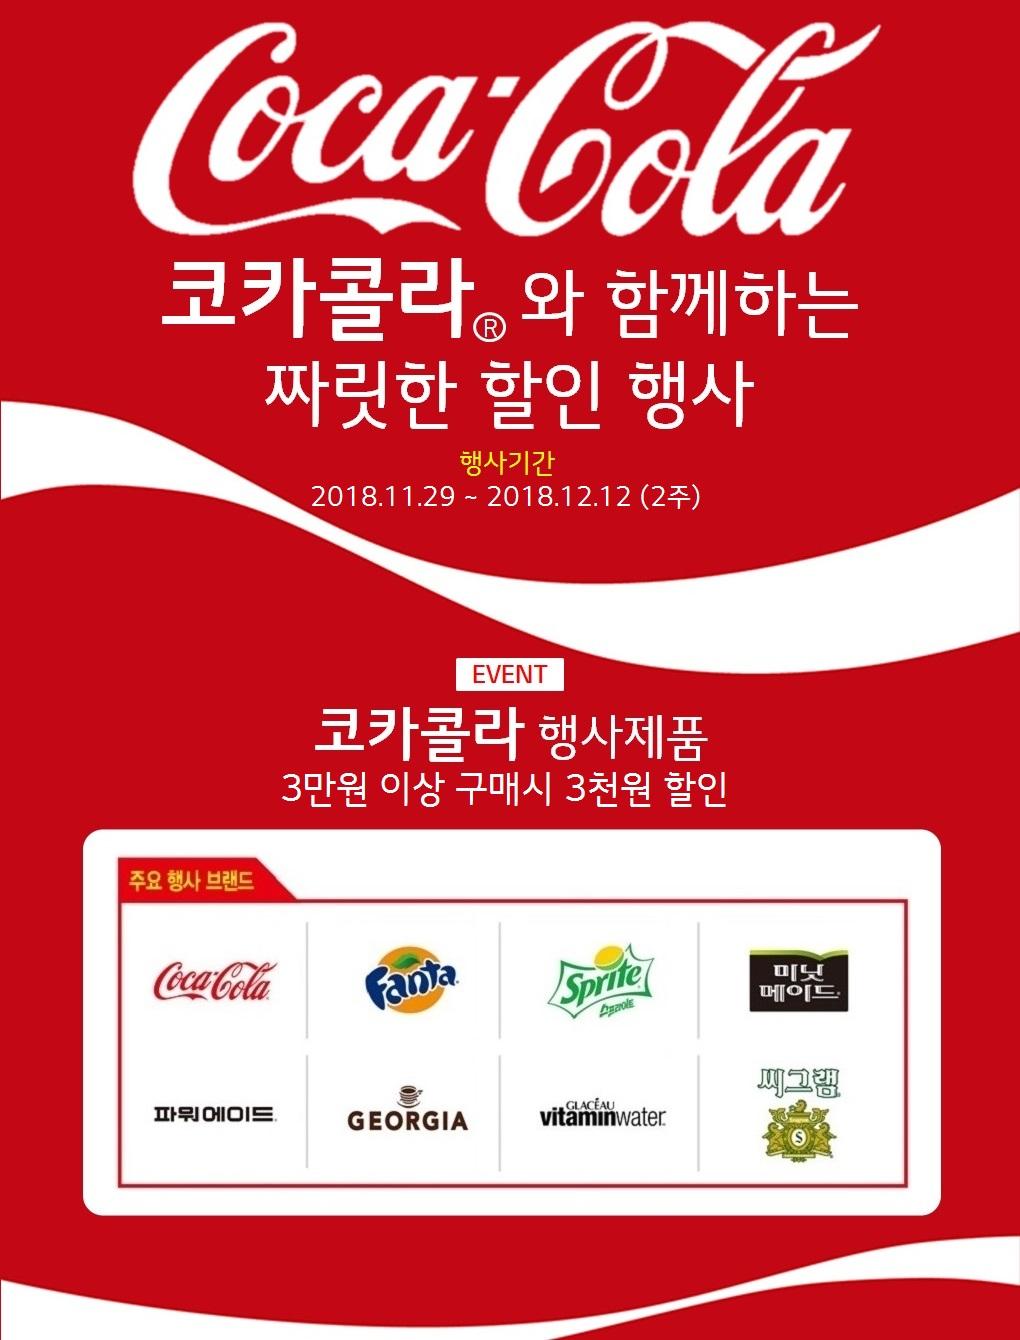 [코카콜라음료] 3만원 이상 구매시 3천원 DC 릴레이 행사 (11.29 ~ 12.12)